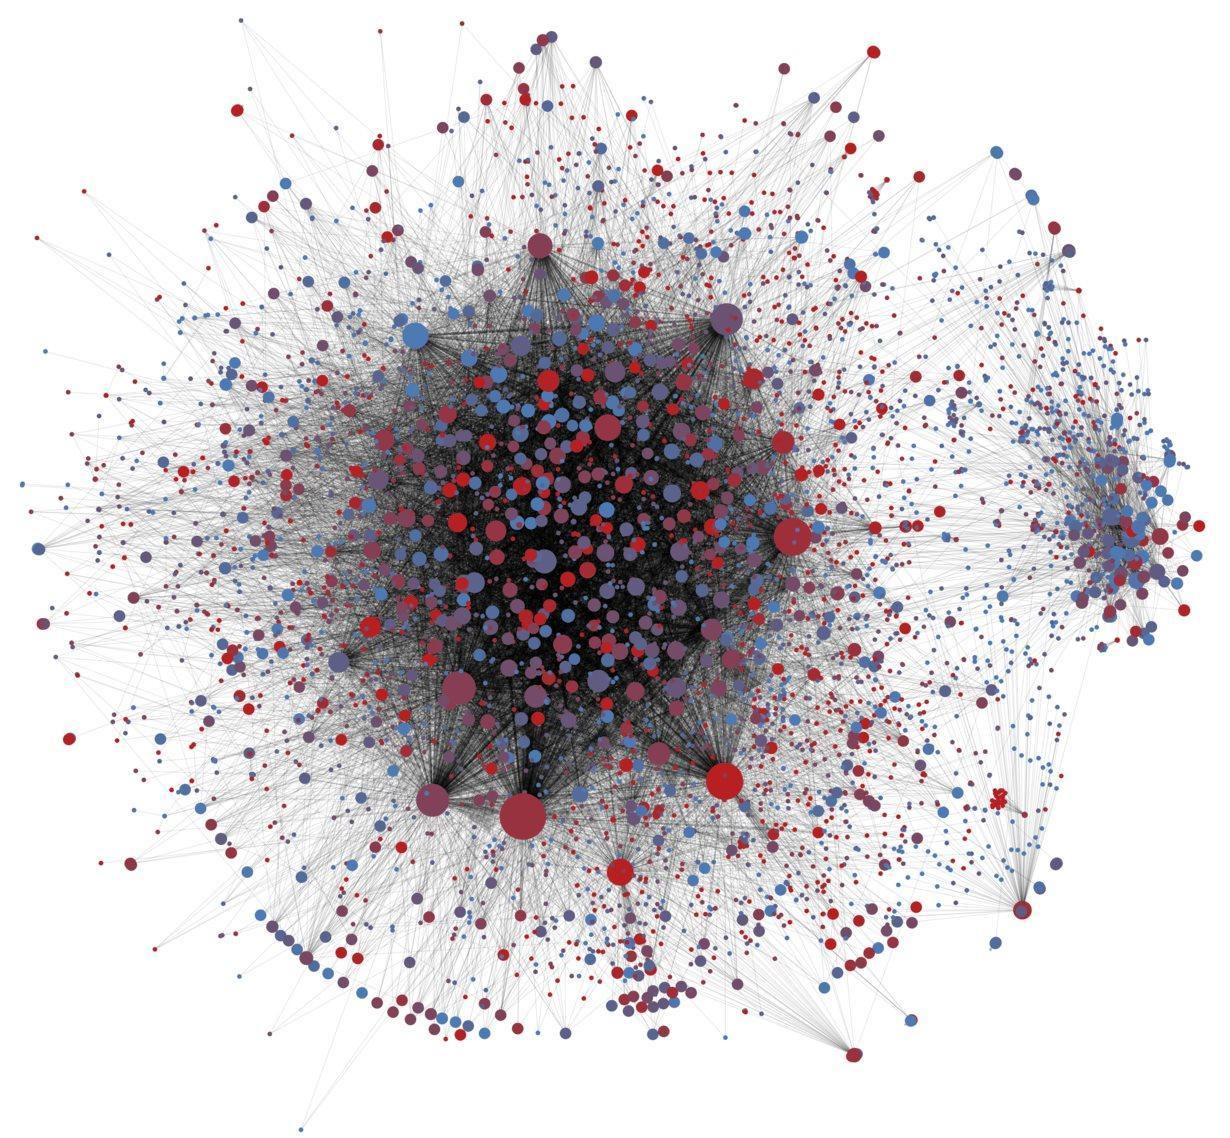 как социальные сети победили нашу способность отличать правду от лжи